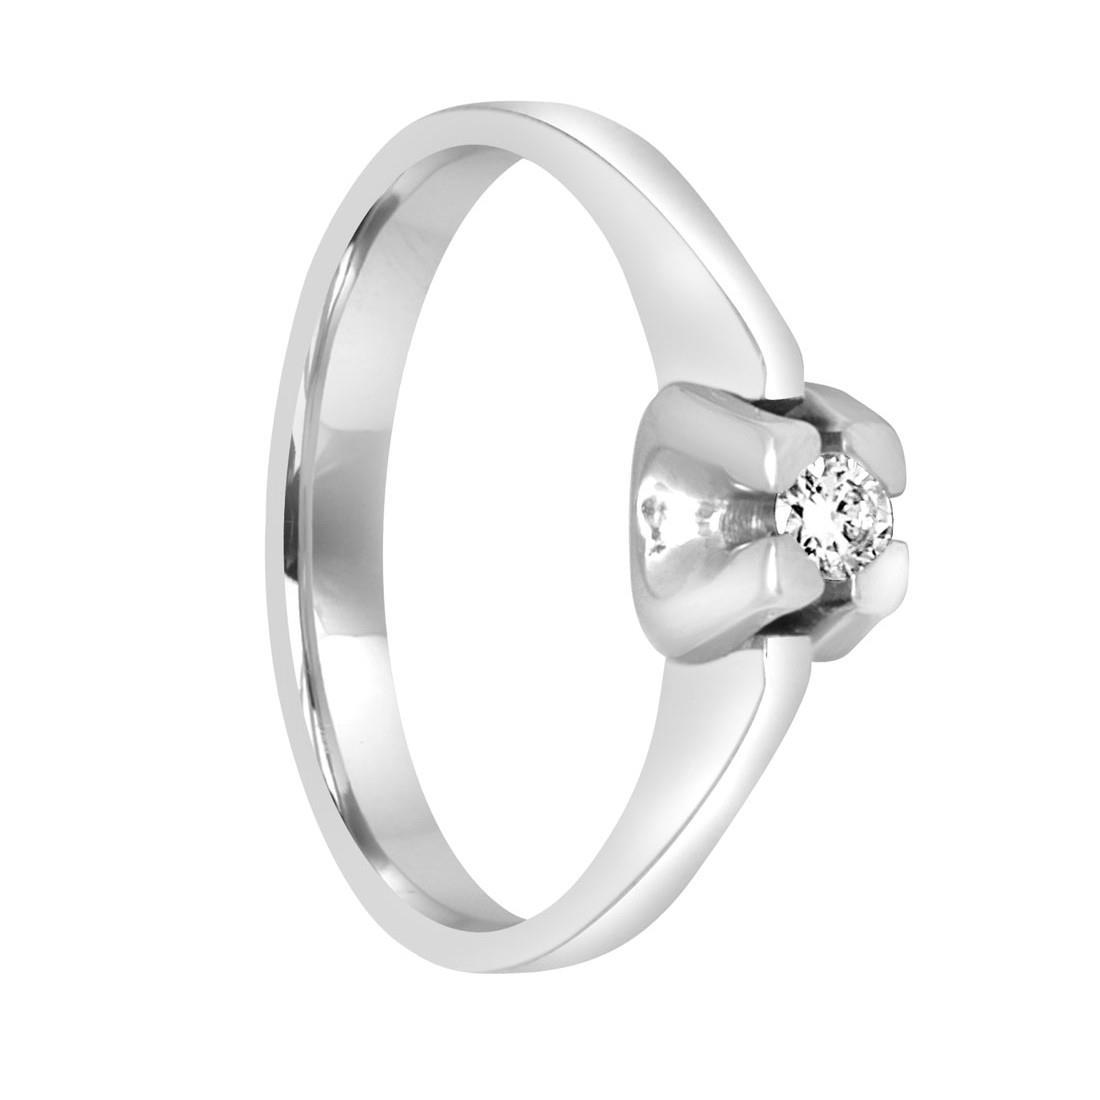 Anello solitario in oro bianco con diamante ct. 0,09 - ALFIERI ST JOHN